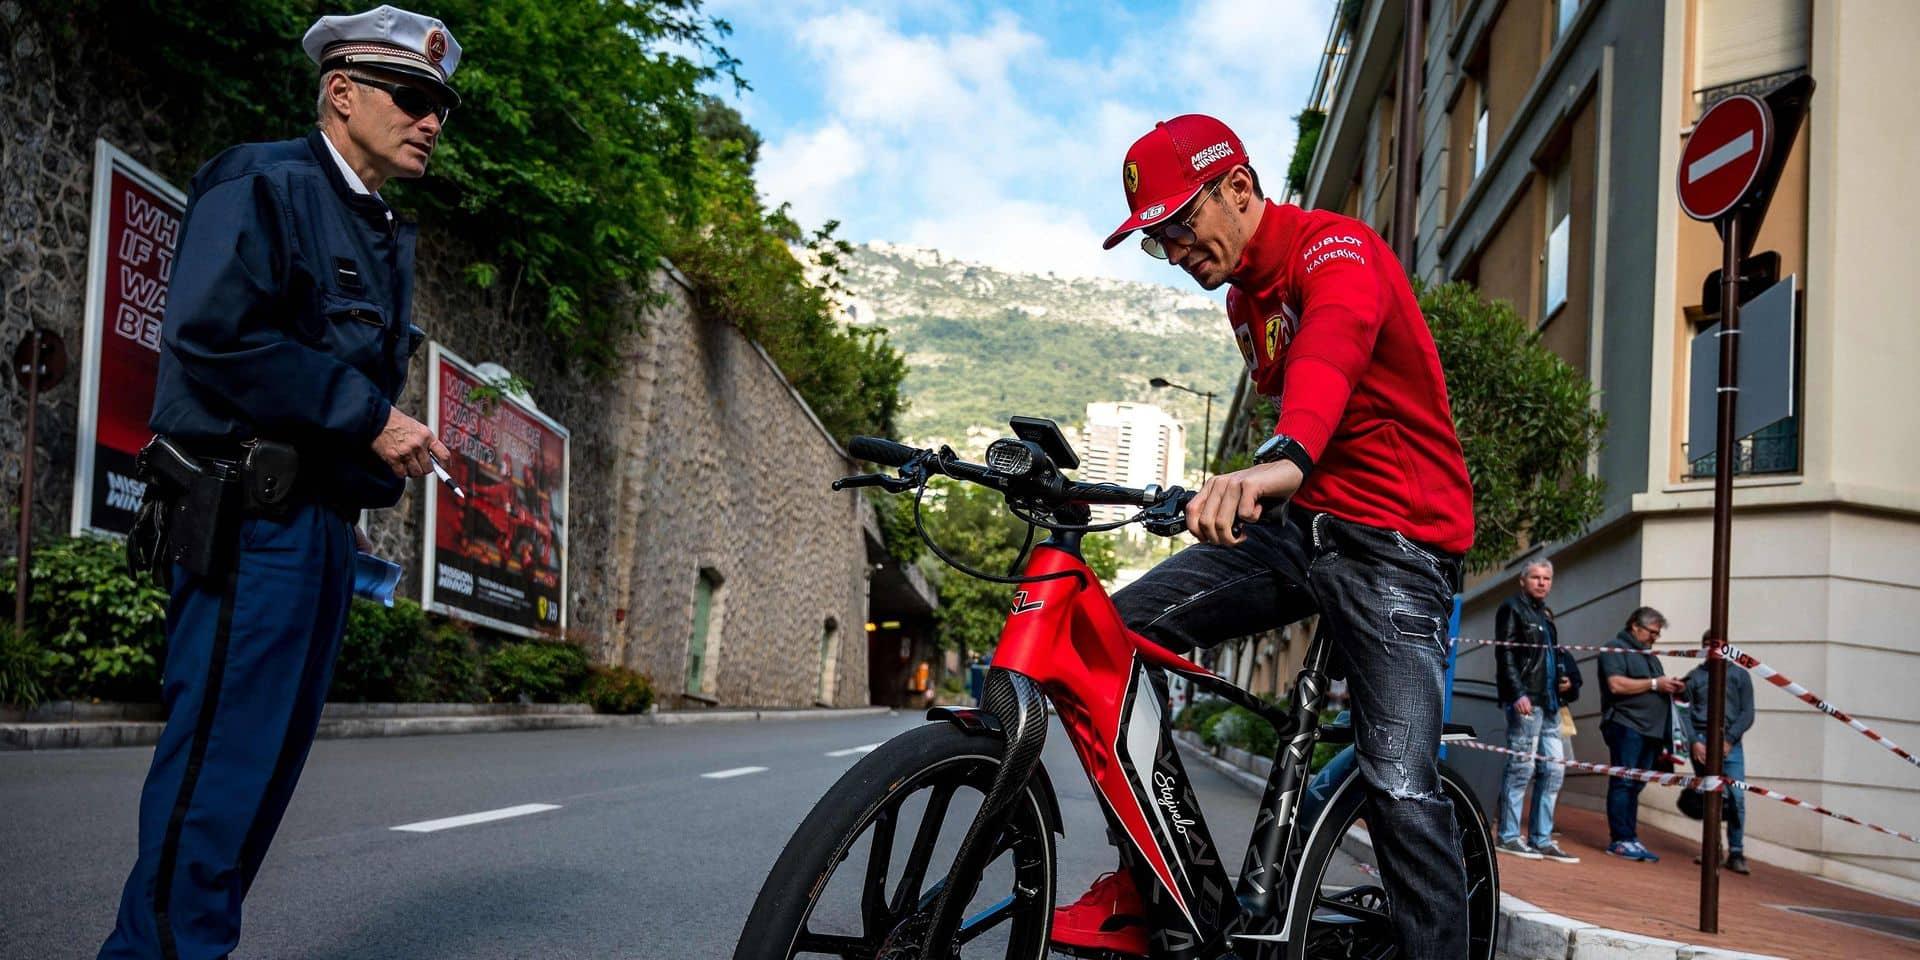 """A Monaco, le petit prince Charles Leclerc court à domicile: """"Gagner chez moi serait incroyable"""""""